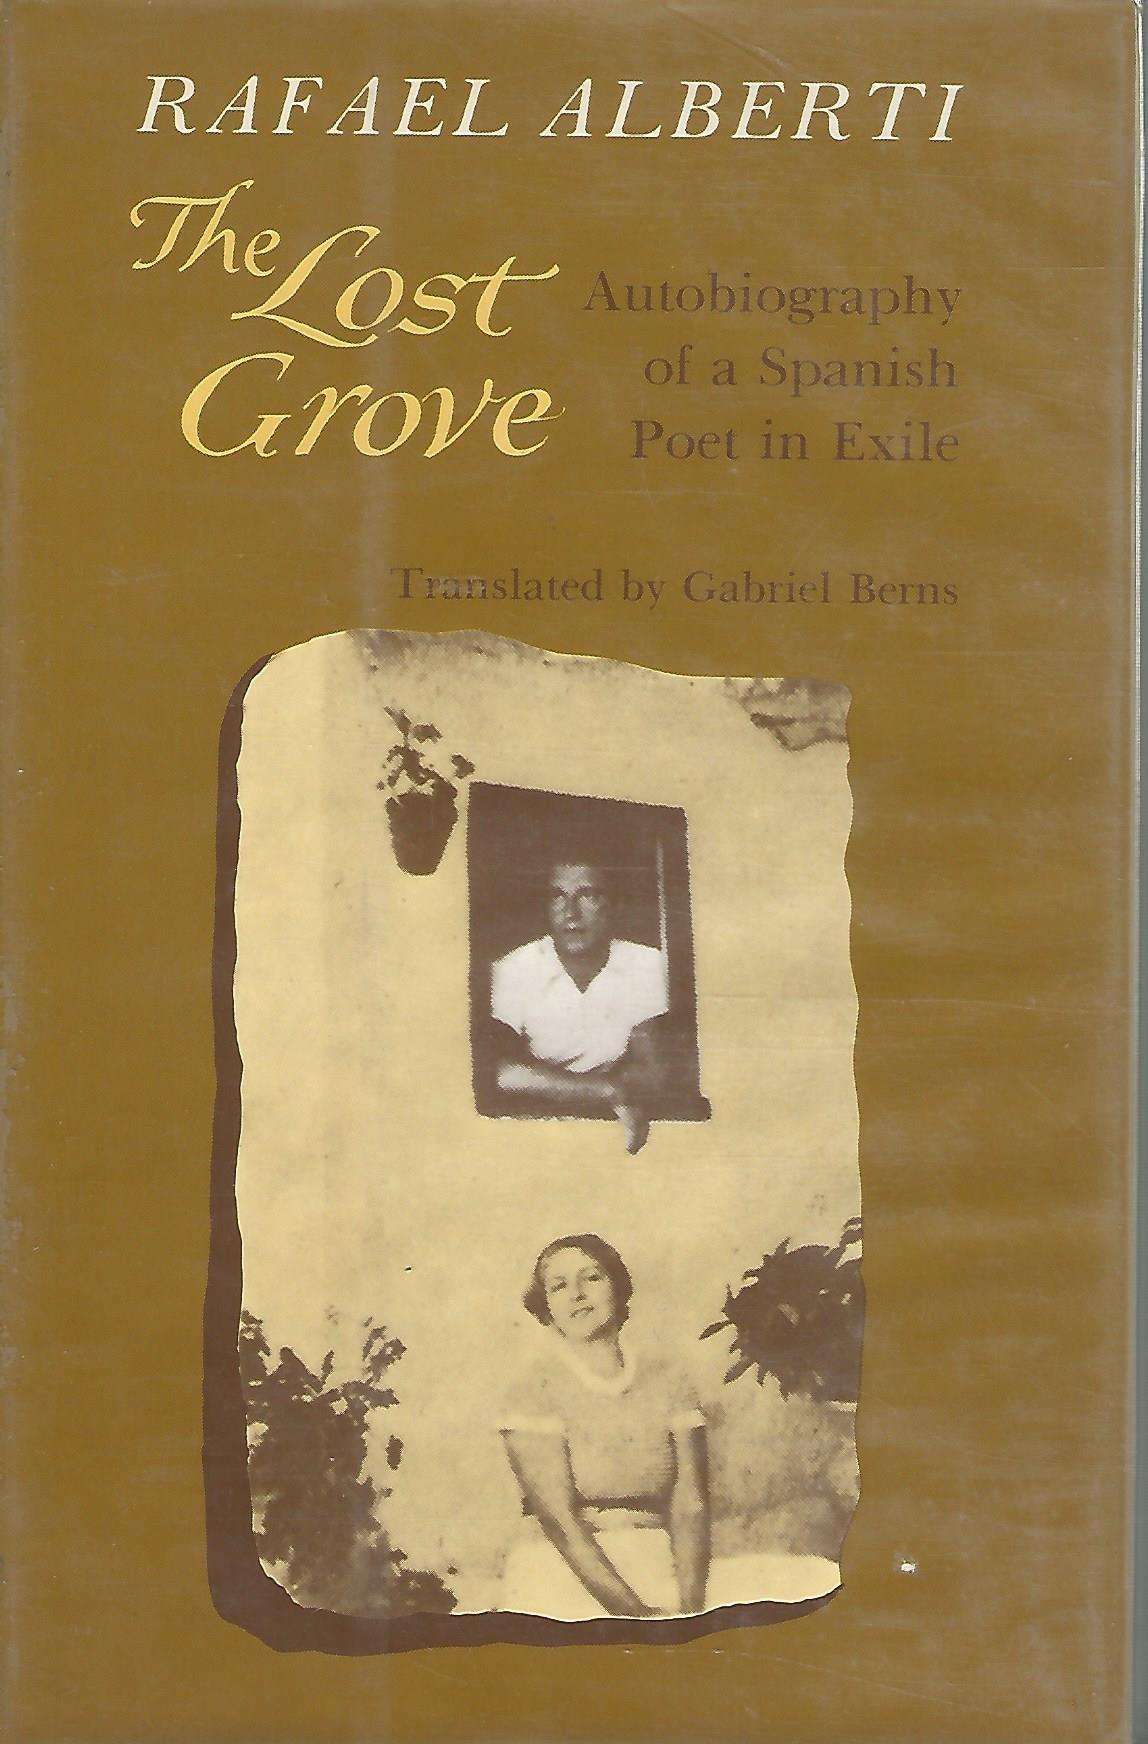 Lost Grove: Rafael Alberti, G. Berns: 9780520027862: Amazon.com: Books